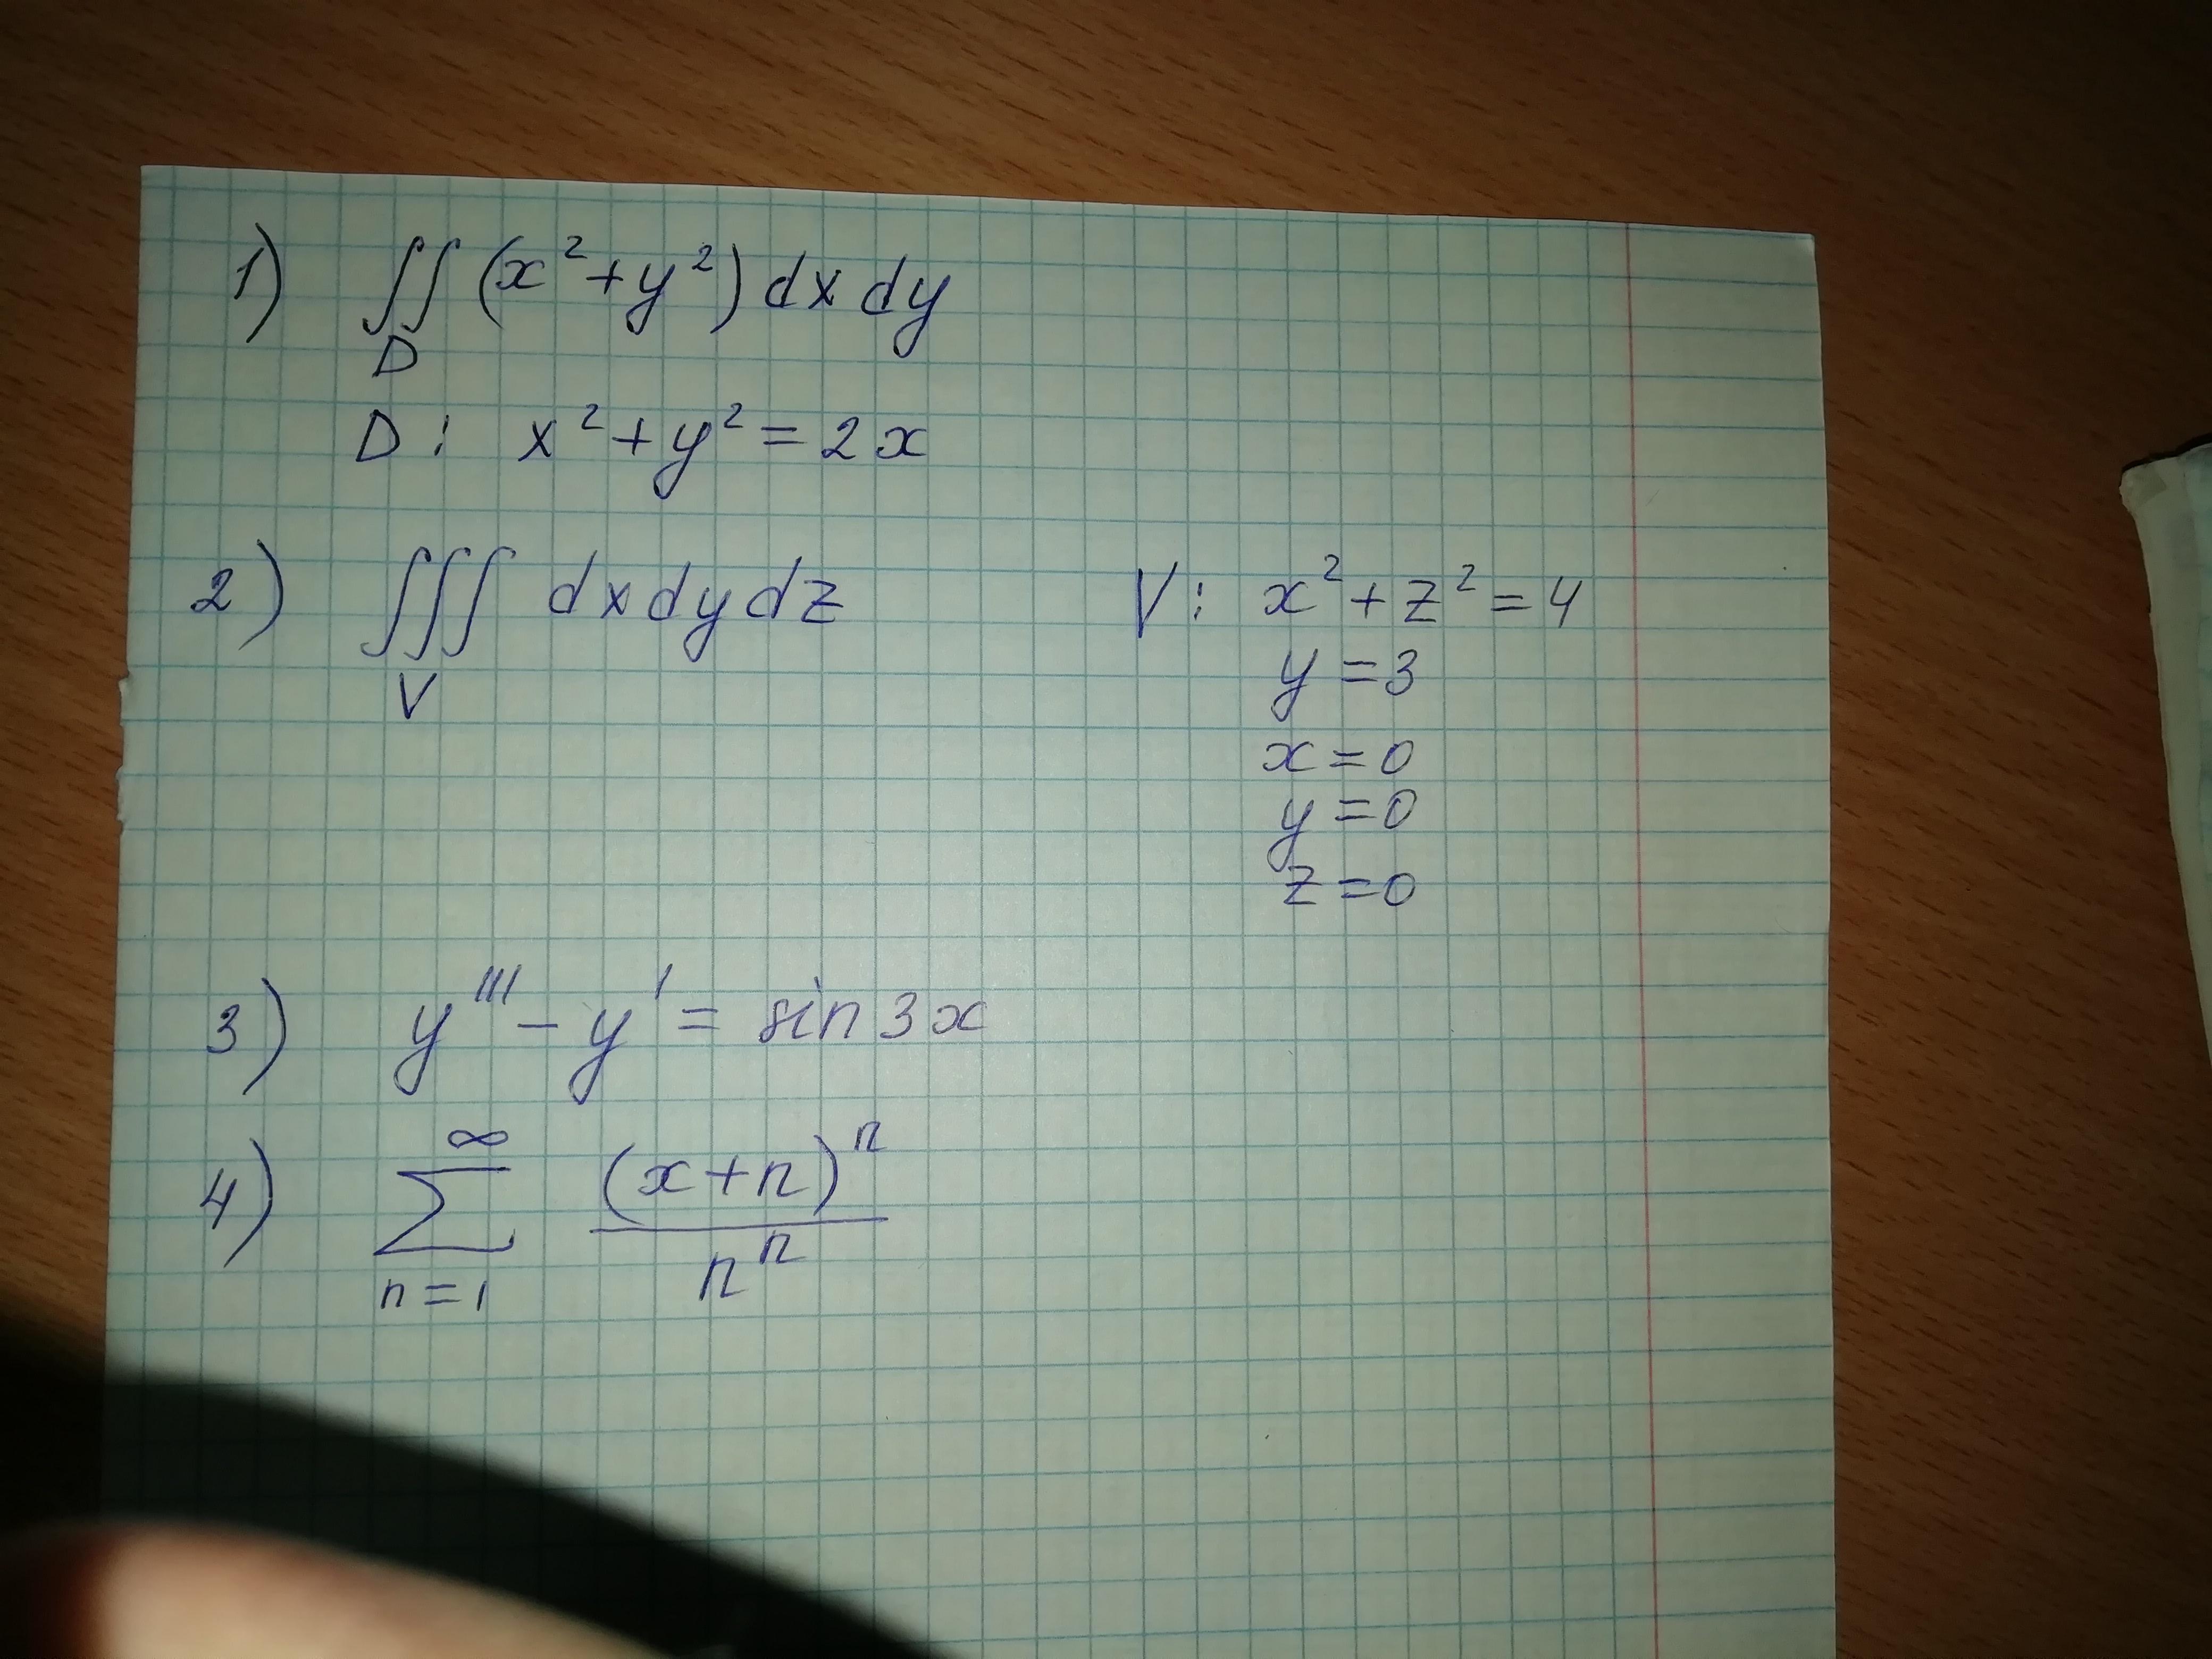 Помогите сделать 2 задание (интеграл). Пожалуйста